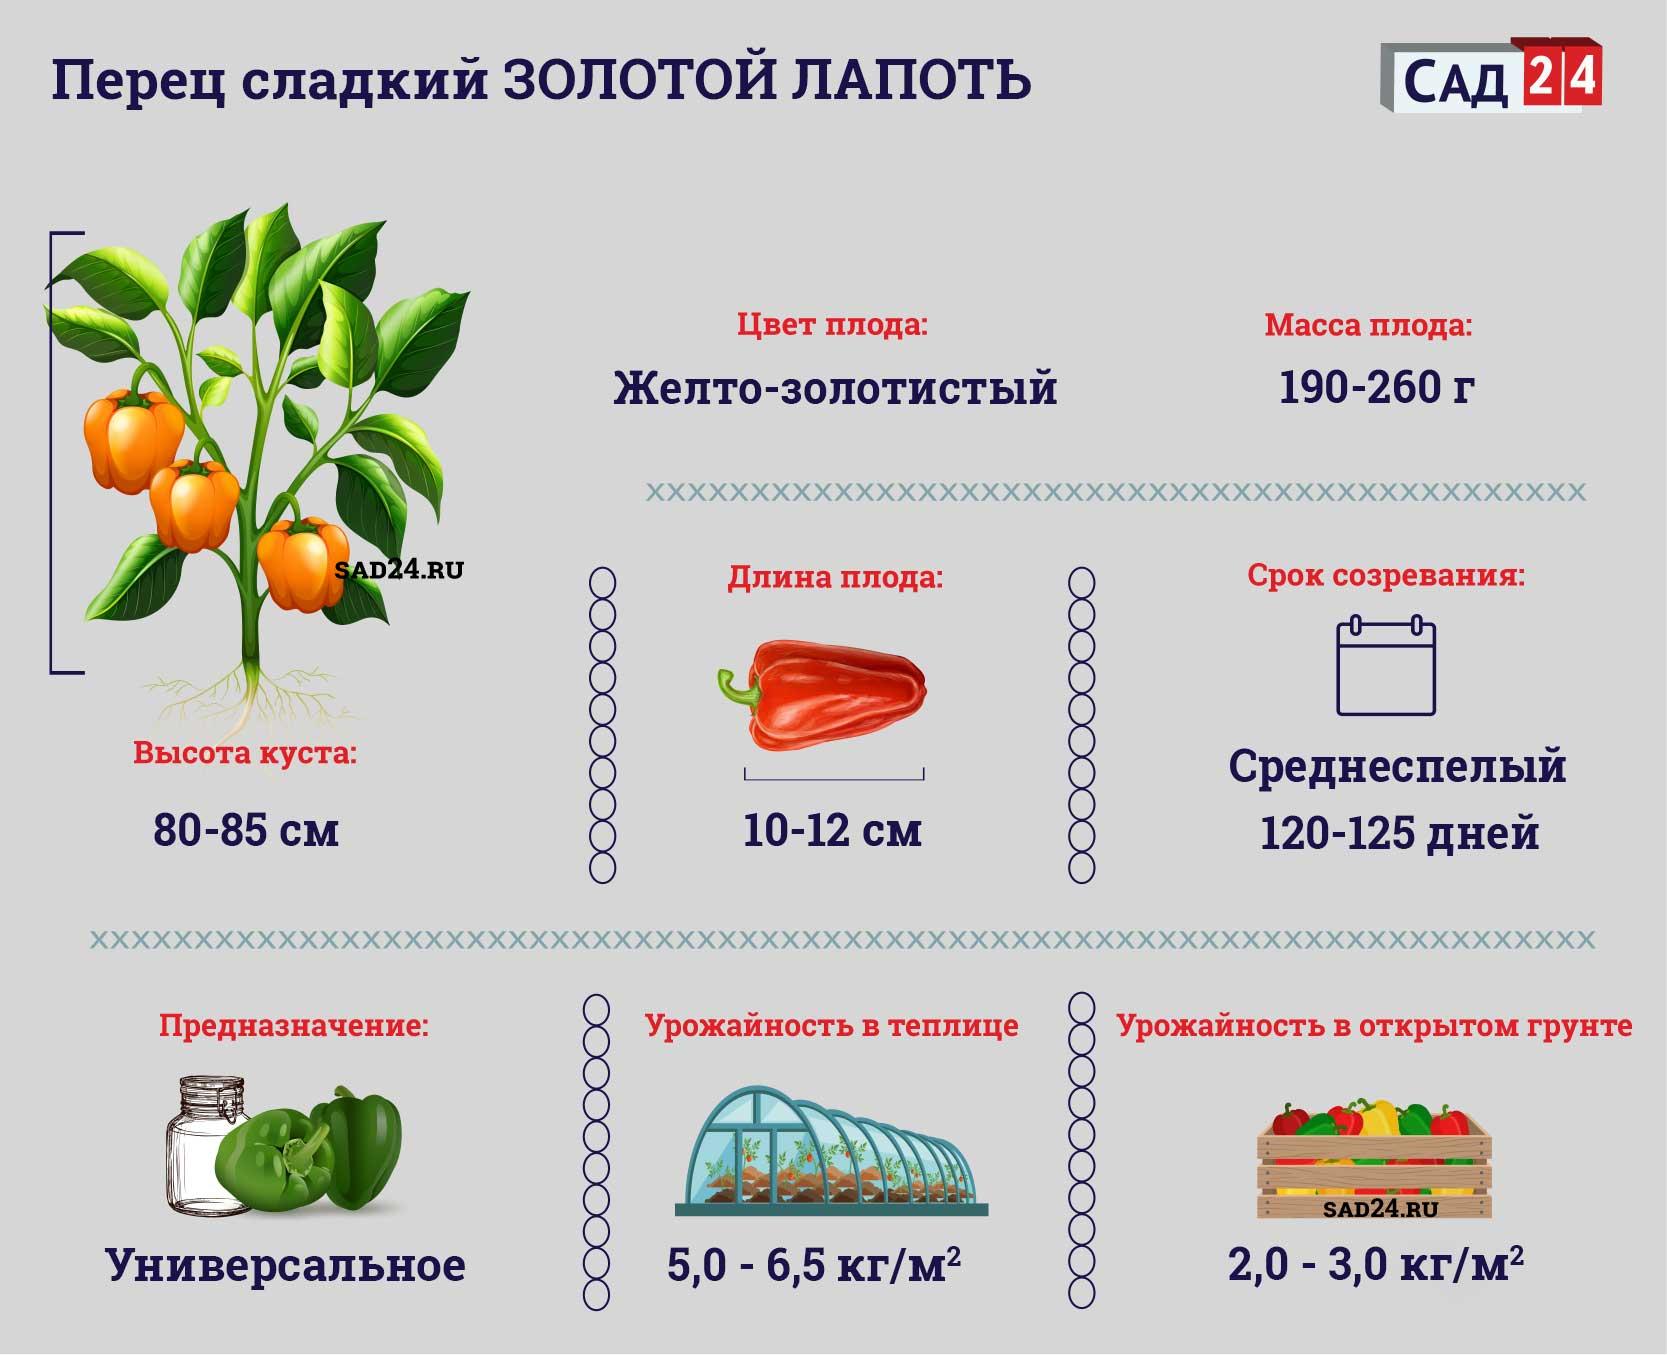 Золотой Лапоть - https://sad24.ru/